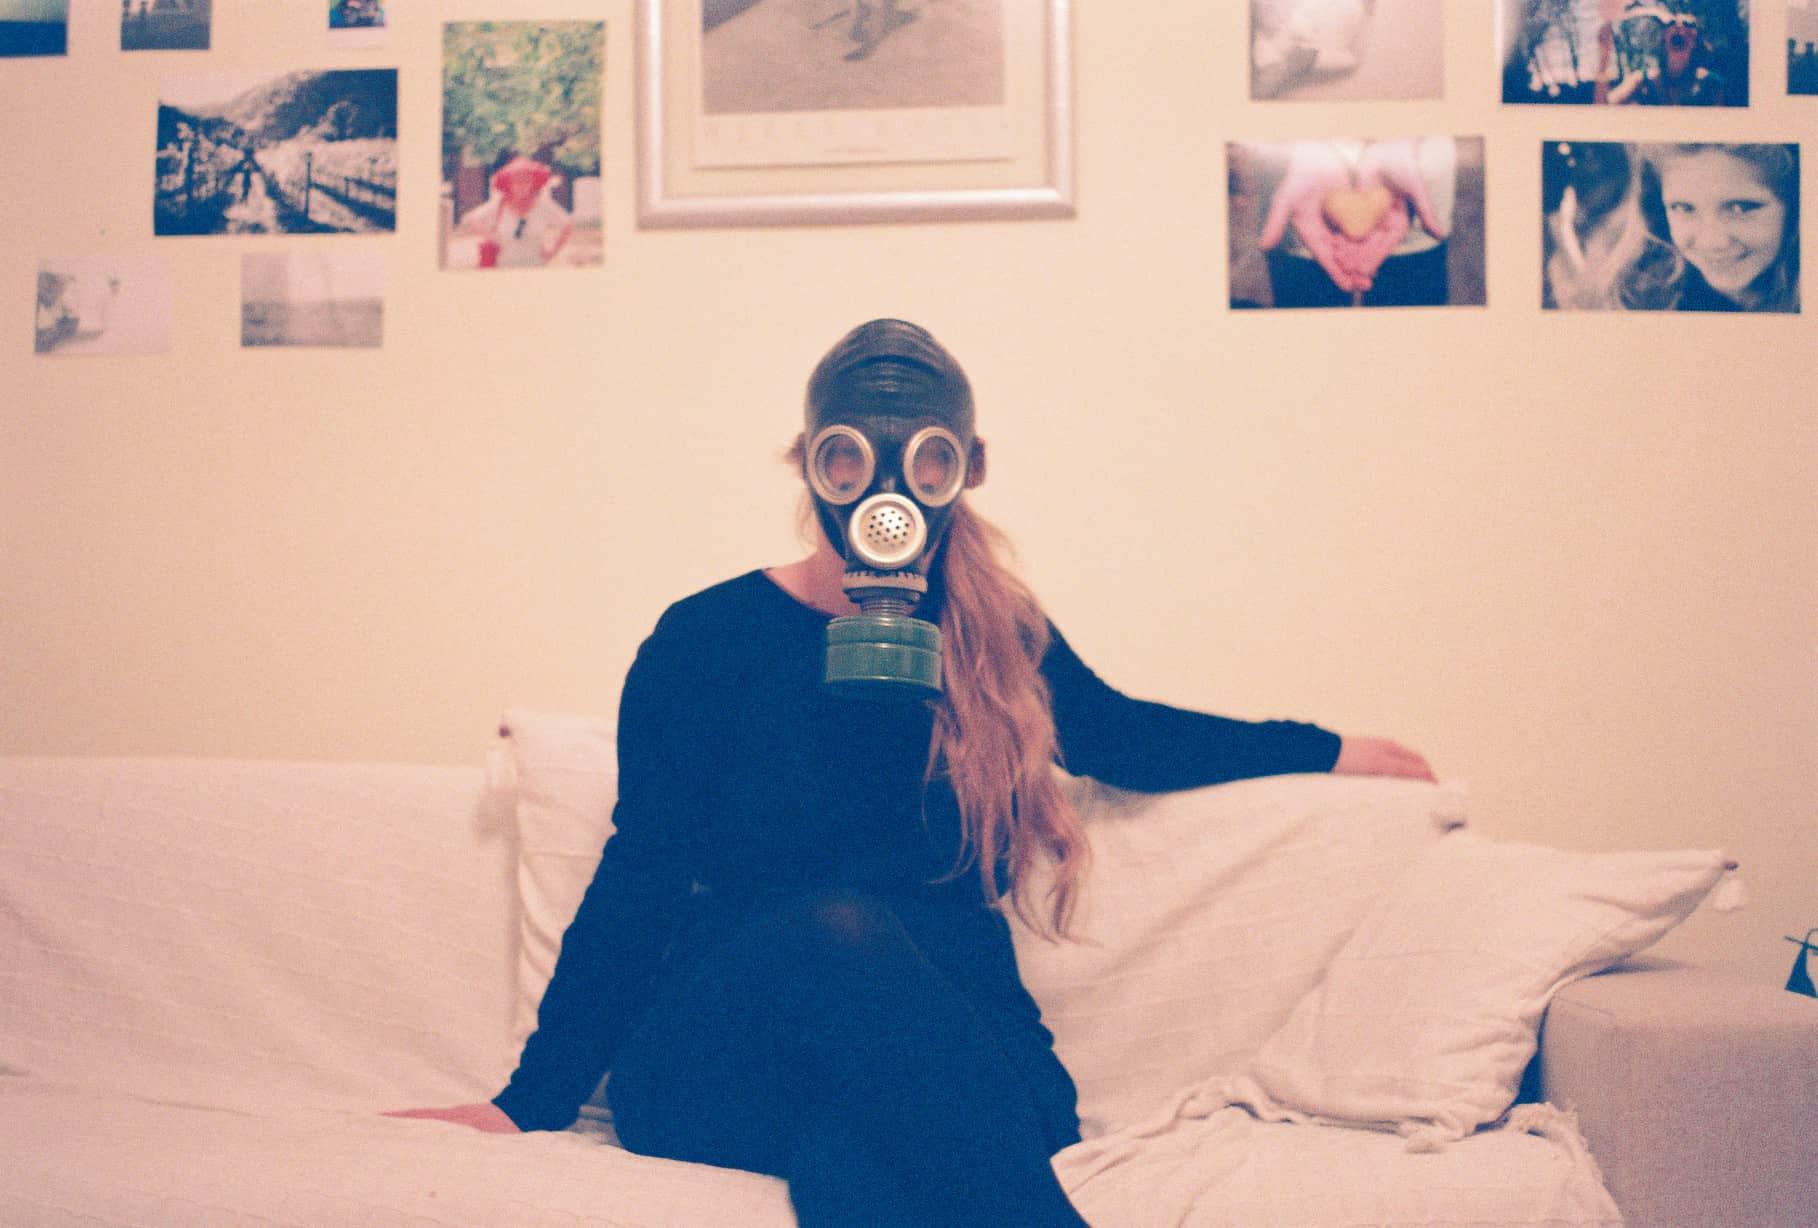 Katrinka at Home, with gas mask